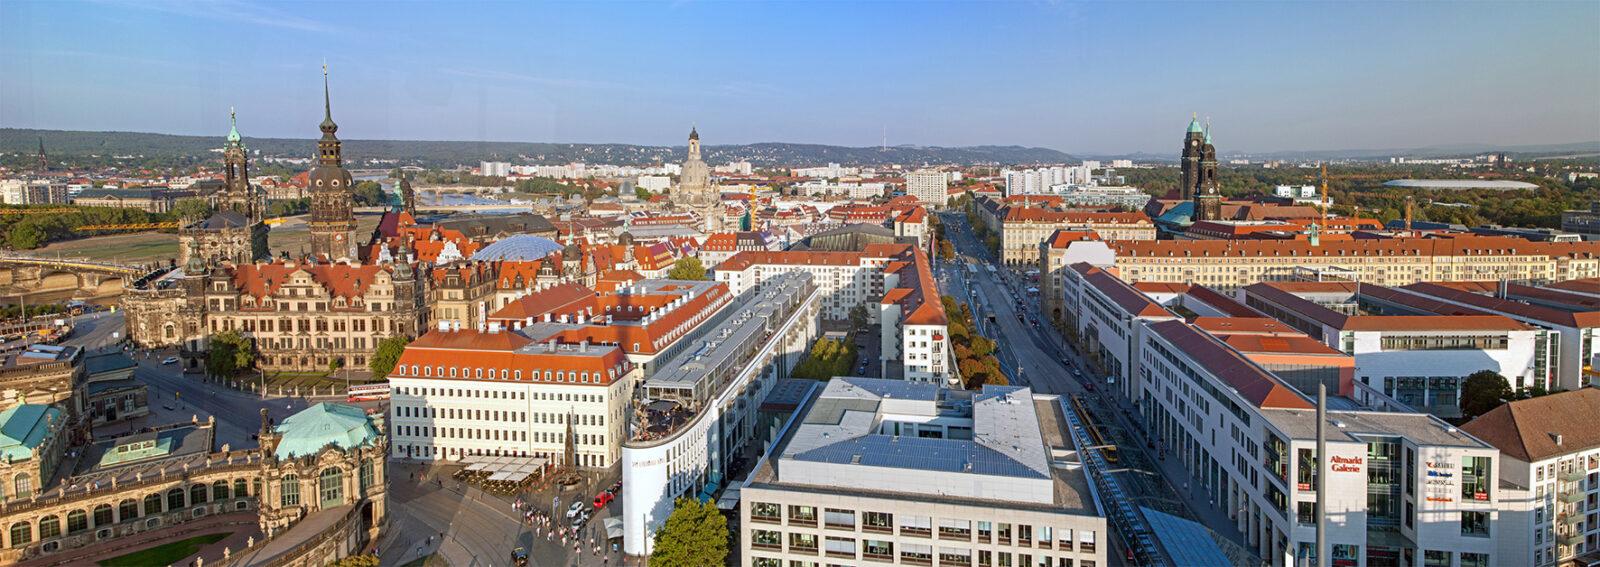 Über dem Postplatz von Dresden